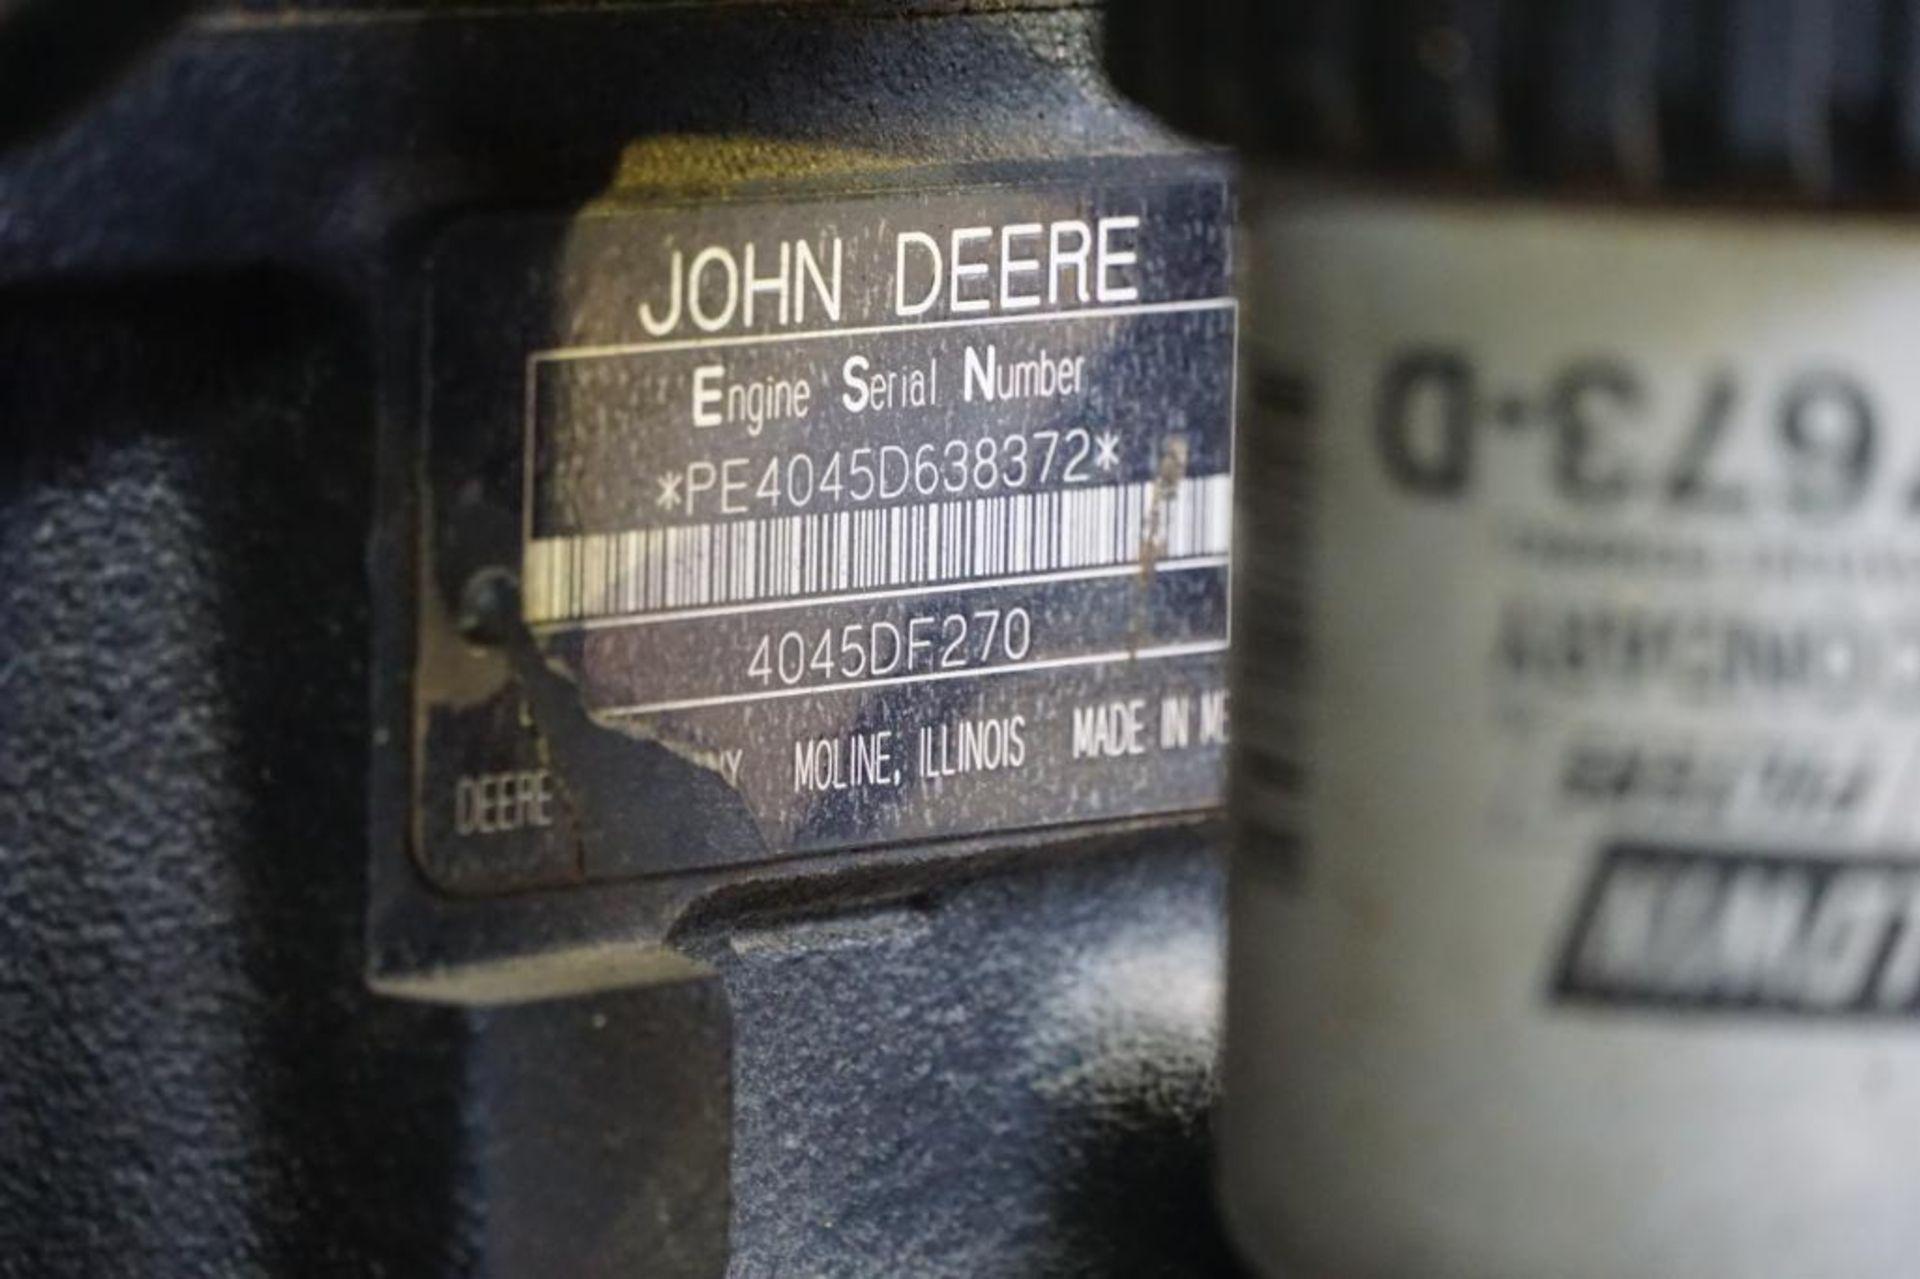 John Deere Diesel - Image 6 of 6